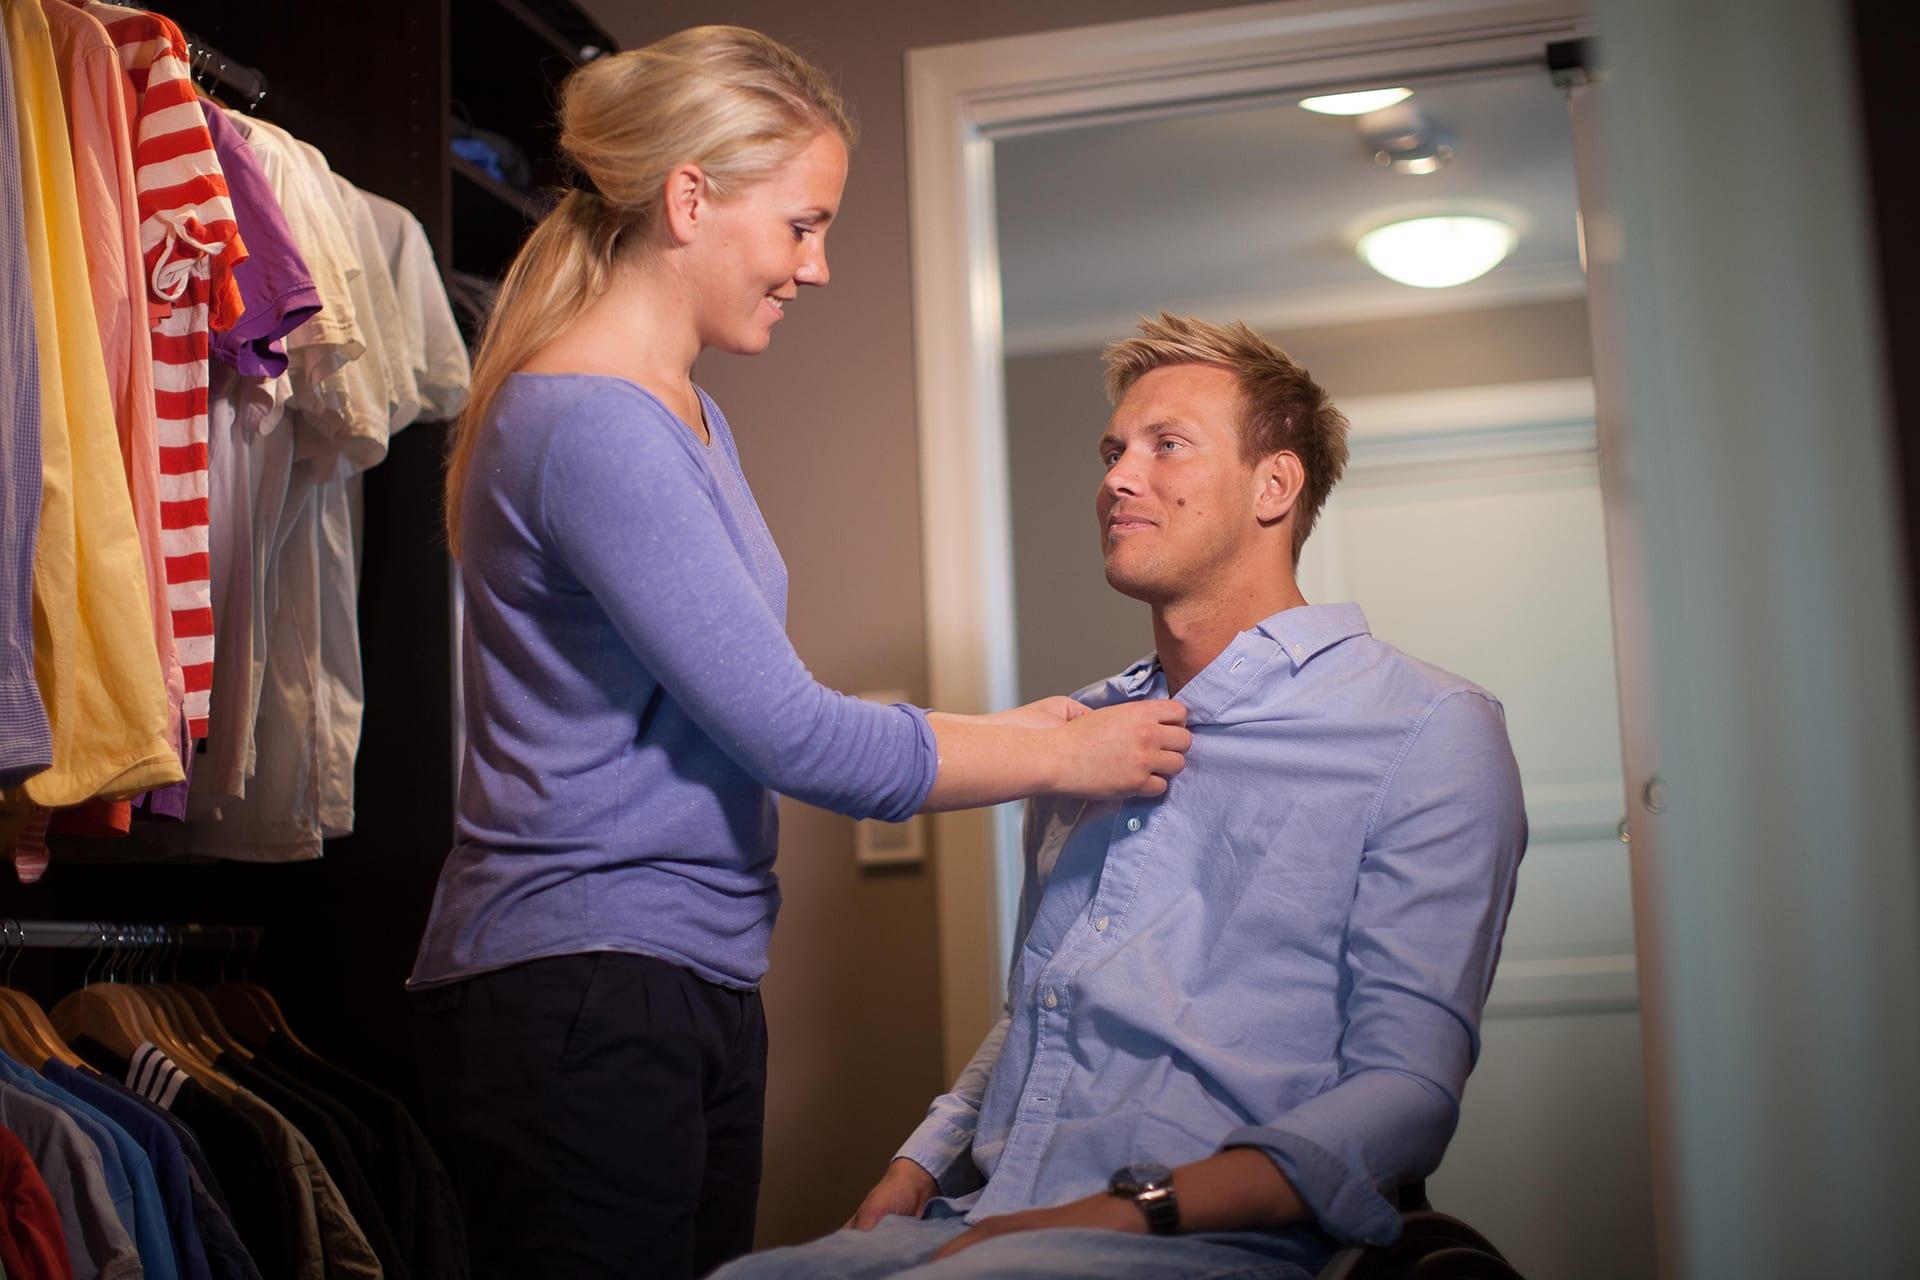 Bilde av artikkelskribent og hans kvinnelige assistent. Han sitter i rullestol mens han kikker mot assistenten. Assistenten hjelper ham med å kneppe igjen en blå skjorte. De befinner seg i et rom med en rekke t-skjorter og skjorter på venstre side.